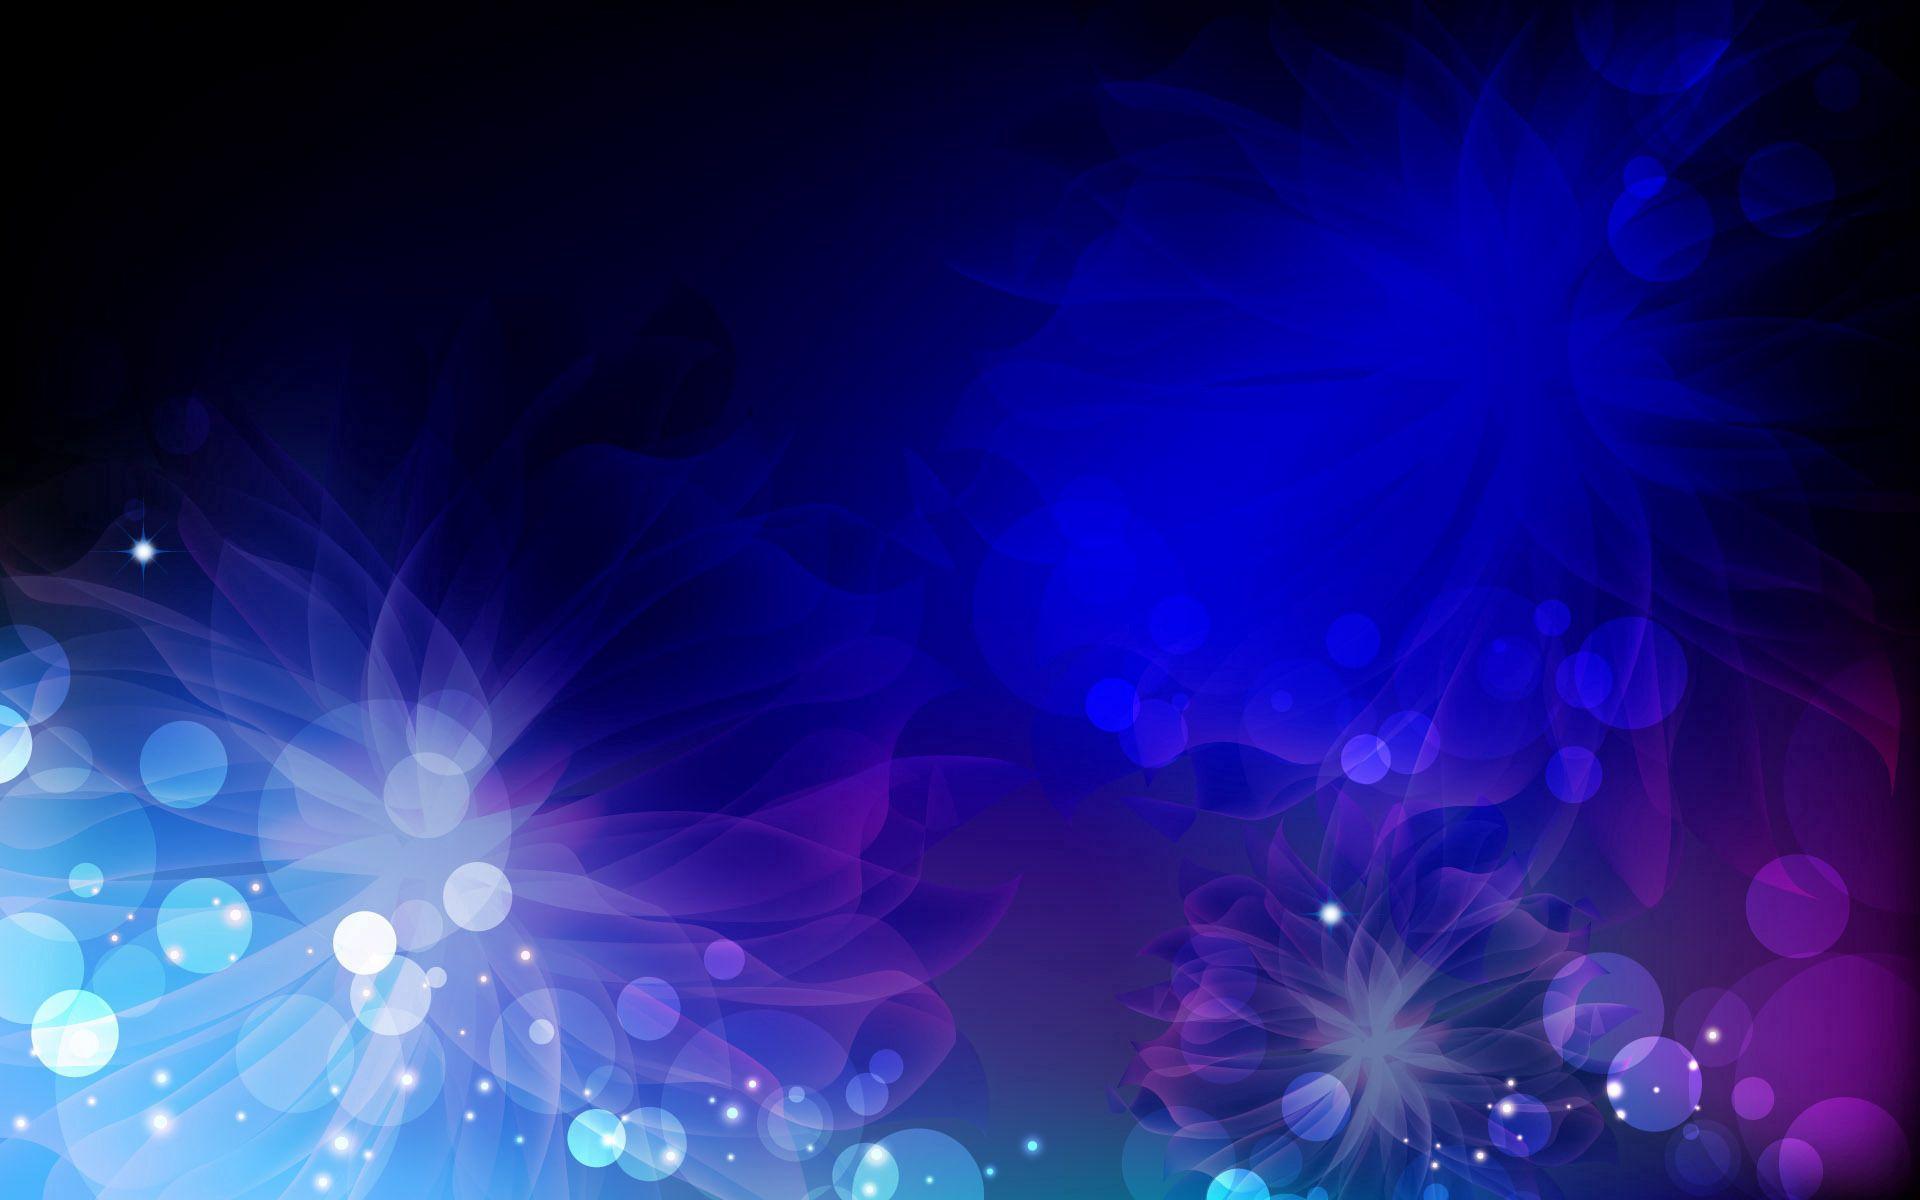 134945 завантажити шпалери Фон, Абстракція, Відблиски, Кола, Світло, Світлий, Плями - заставки і картинки безкоштовно